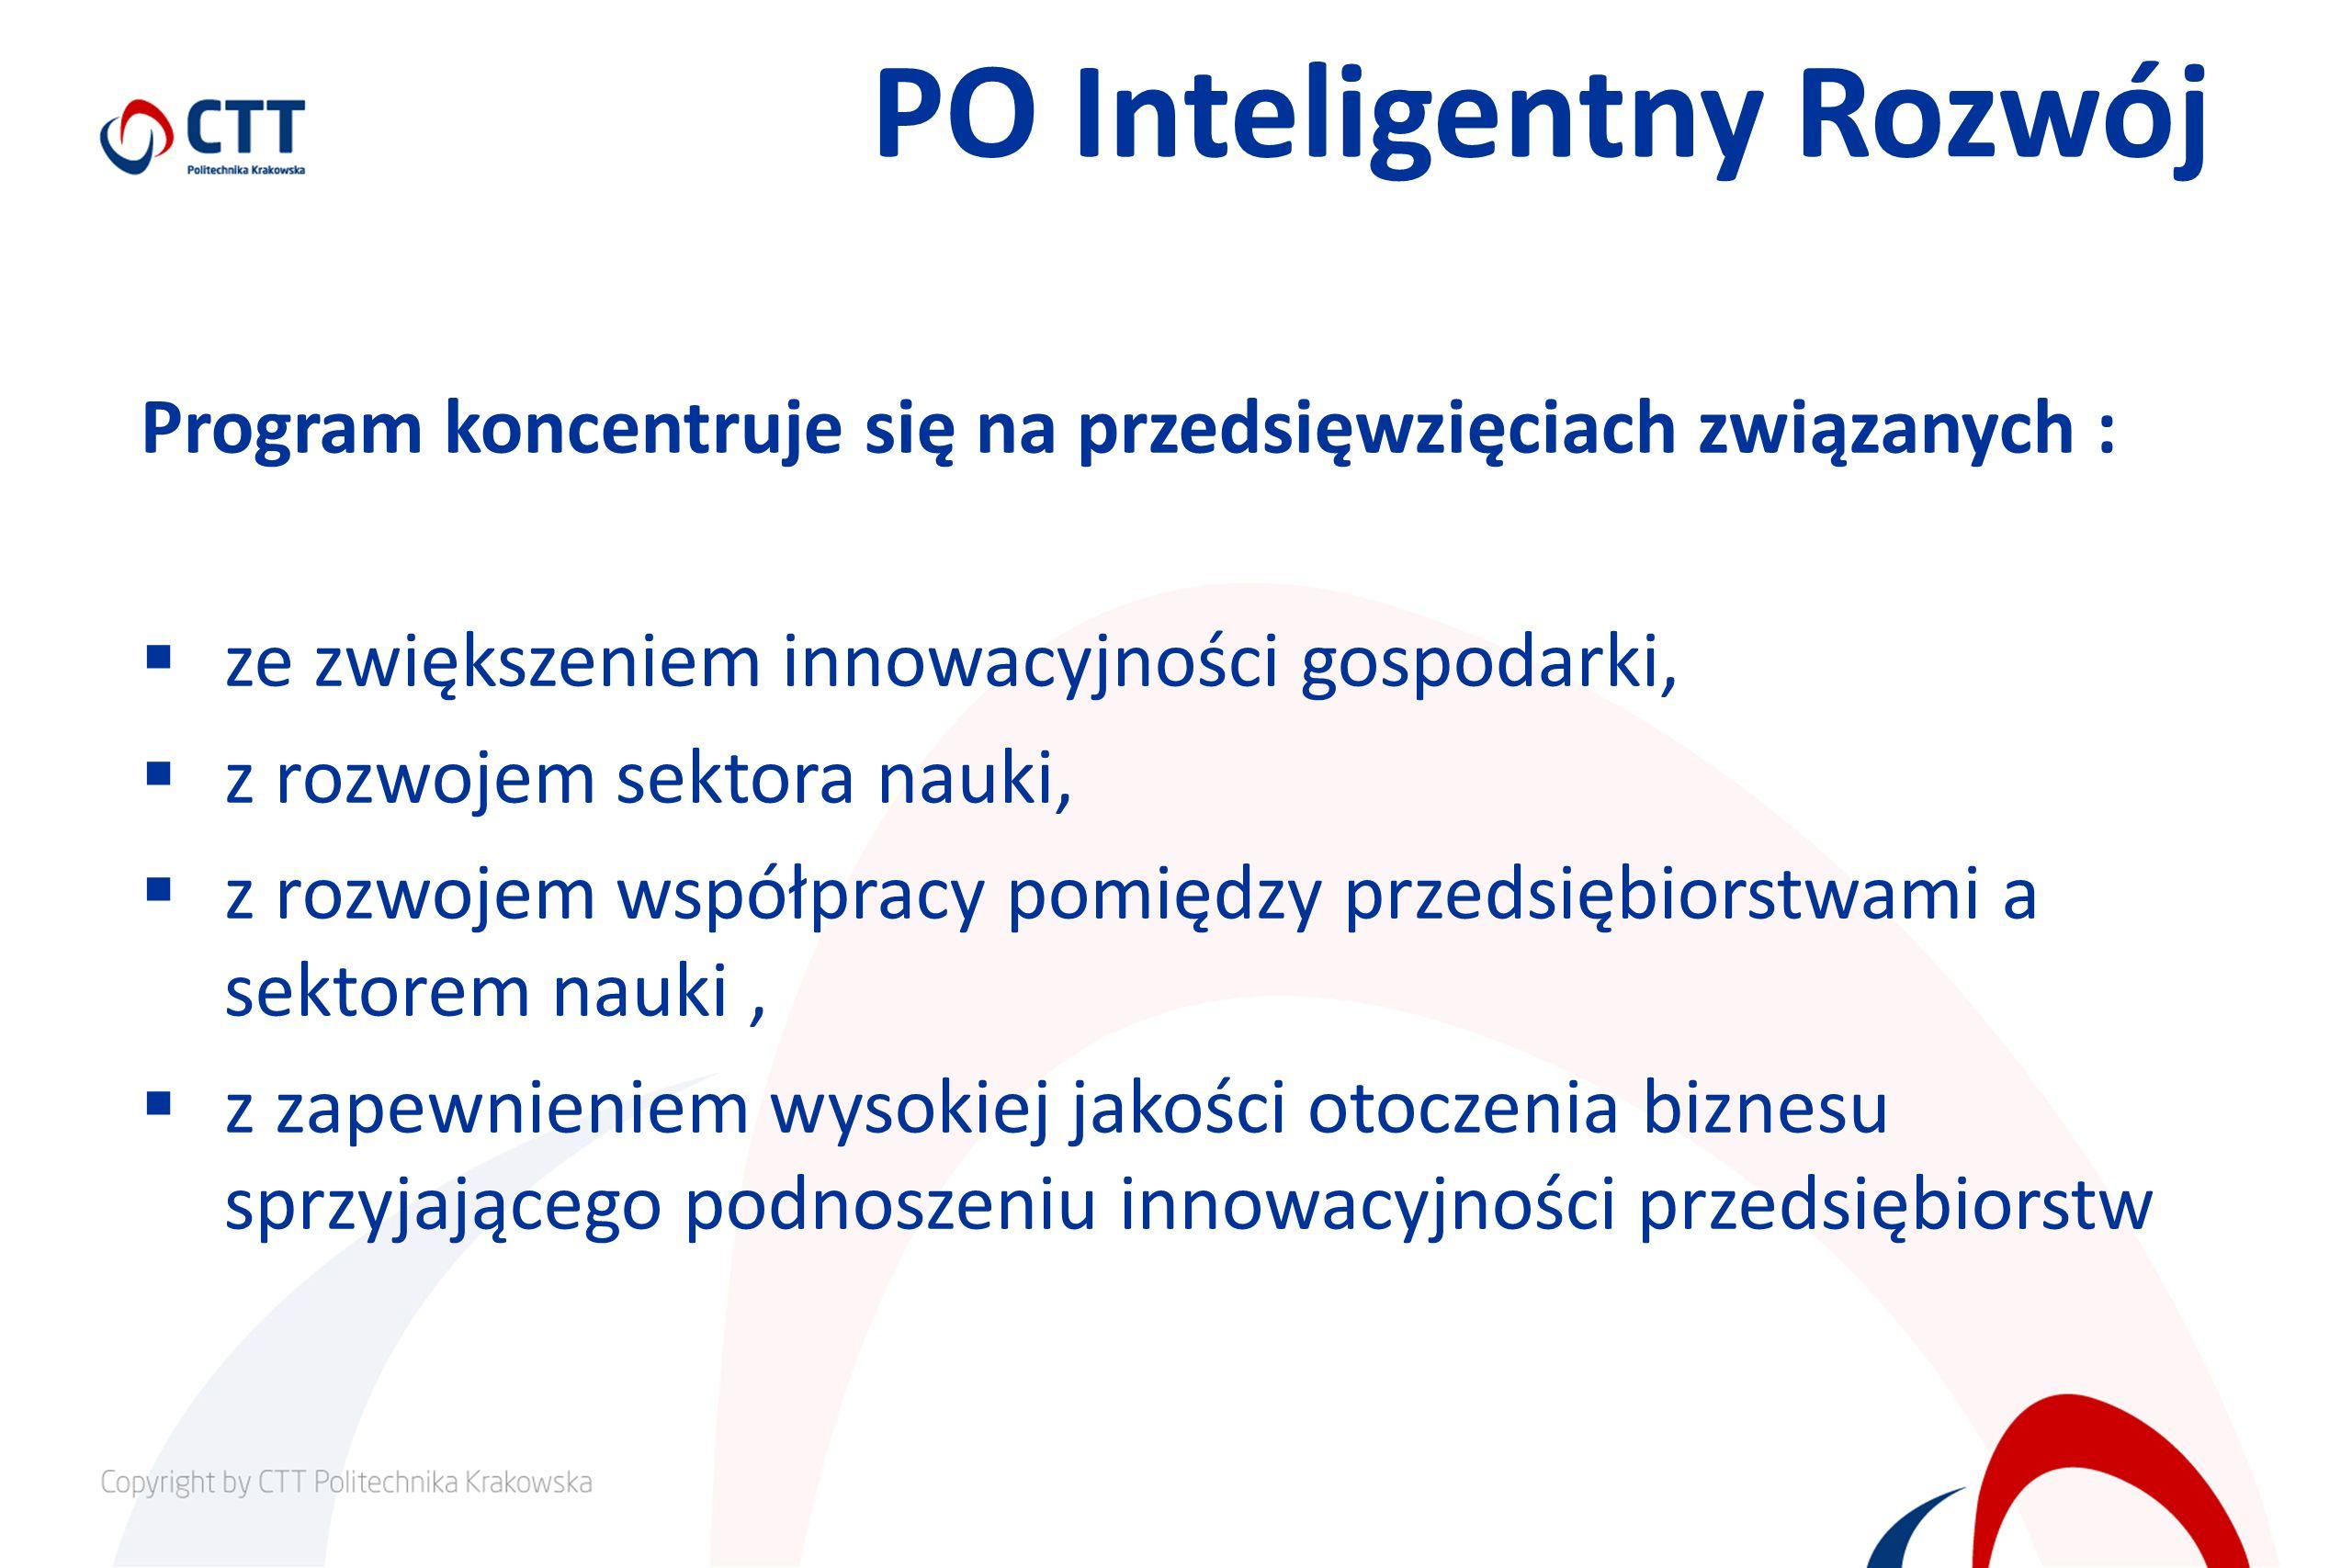 PO Inteligentny Rozwój Program koncentruje się na przedsięwzięciach związanych : ze zwiększeniem innowacyjności gospodarki, z rozwojem sektora nauki, z rozwojem współpracy pomiędzy przedsiębiorstwami a sektorem nauki, z zapewnieniem wysokiej jakości otoczenia biznesu sprzyjającego podnoszeniu innowacyjności przedsiębiorstw